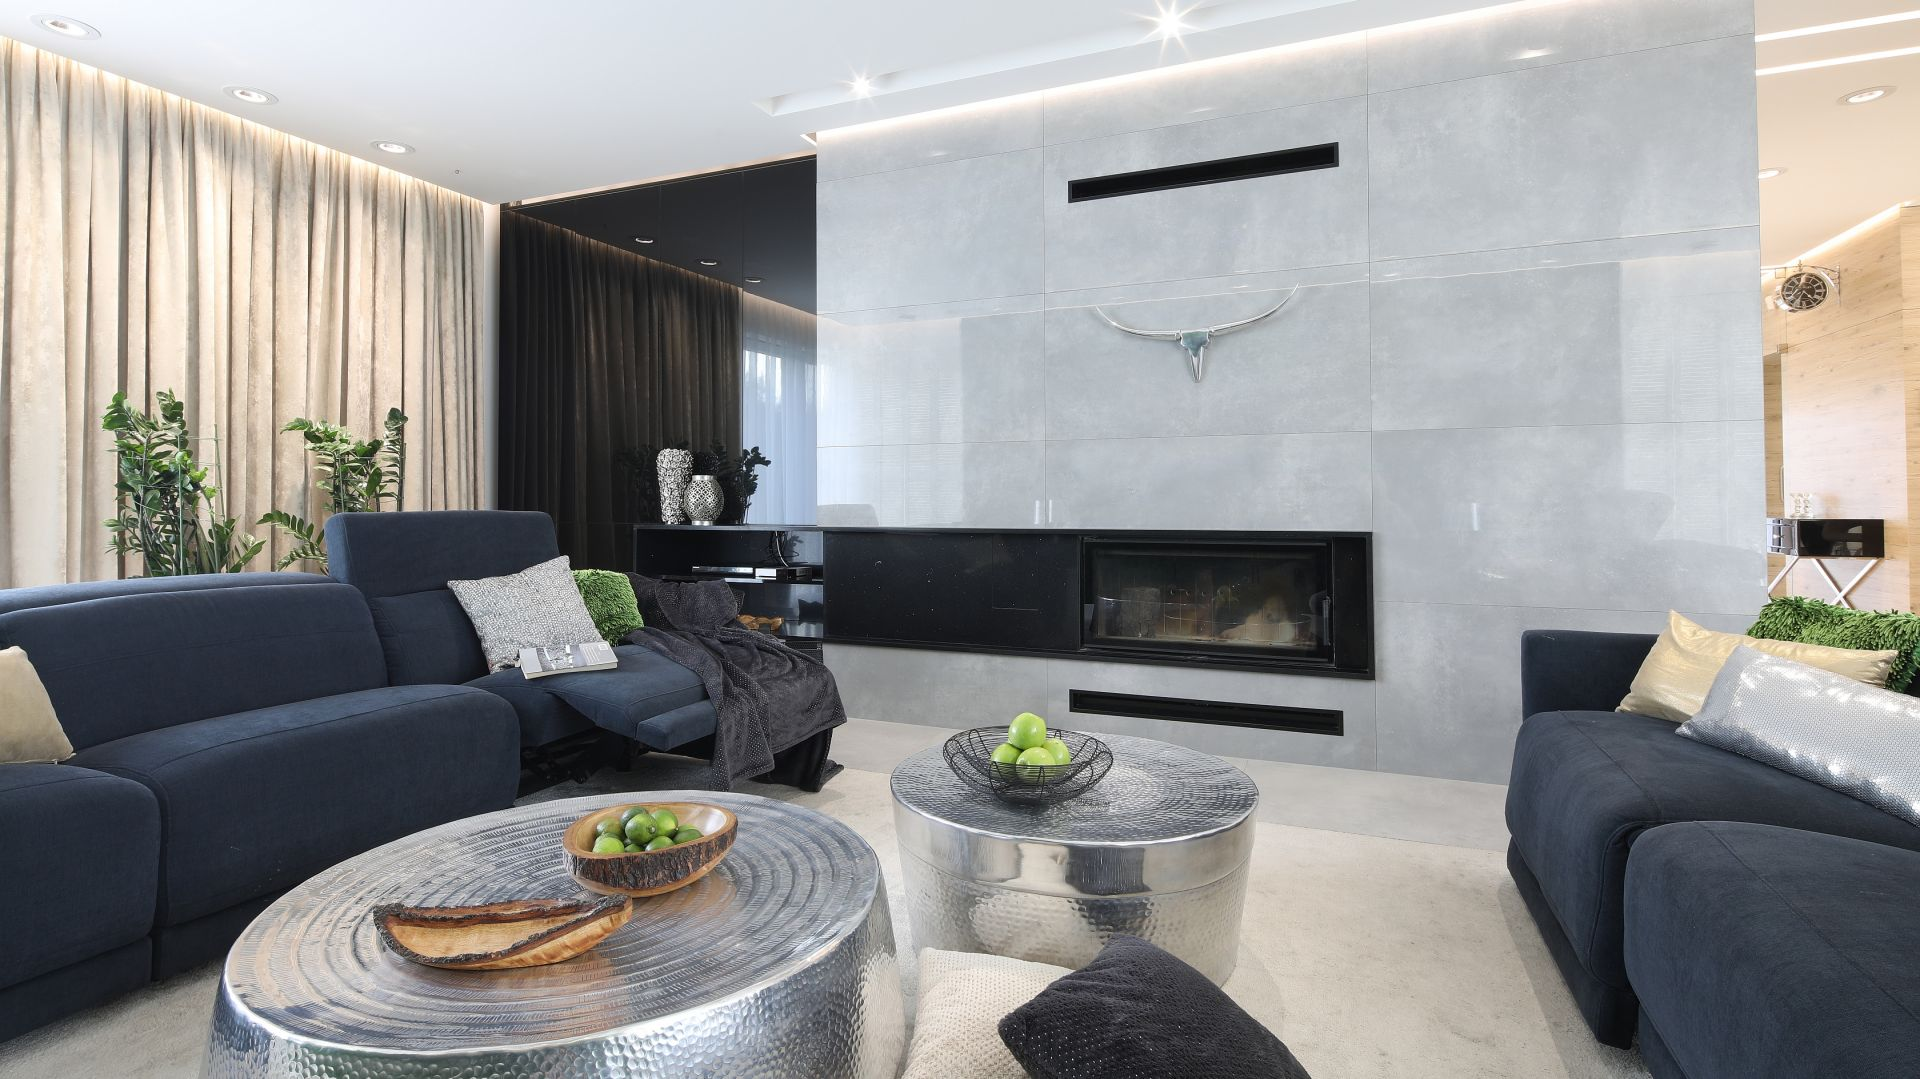 Piękne, rodzinne wnętrze w nowoczesnym stylu. Projekt: Dariusz Grabowski. Fot. Bartosz Jarosz